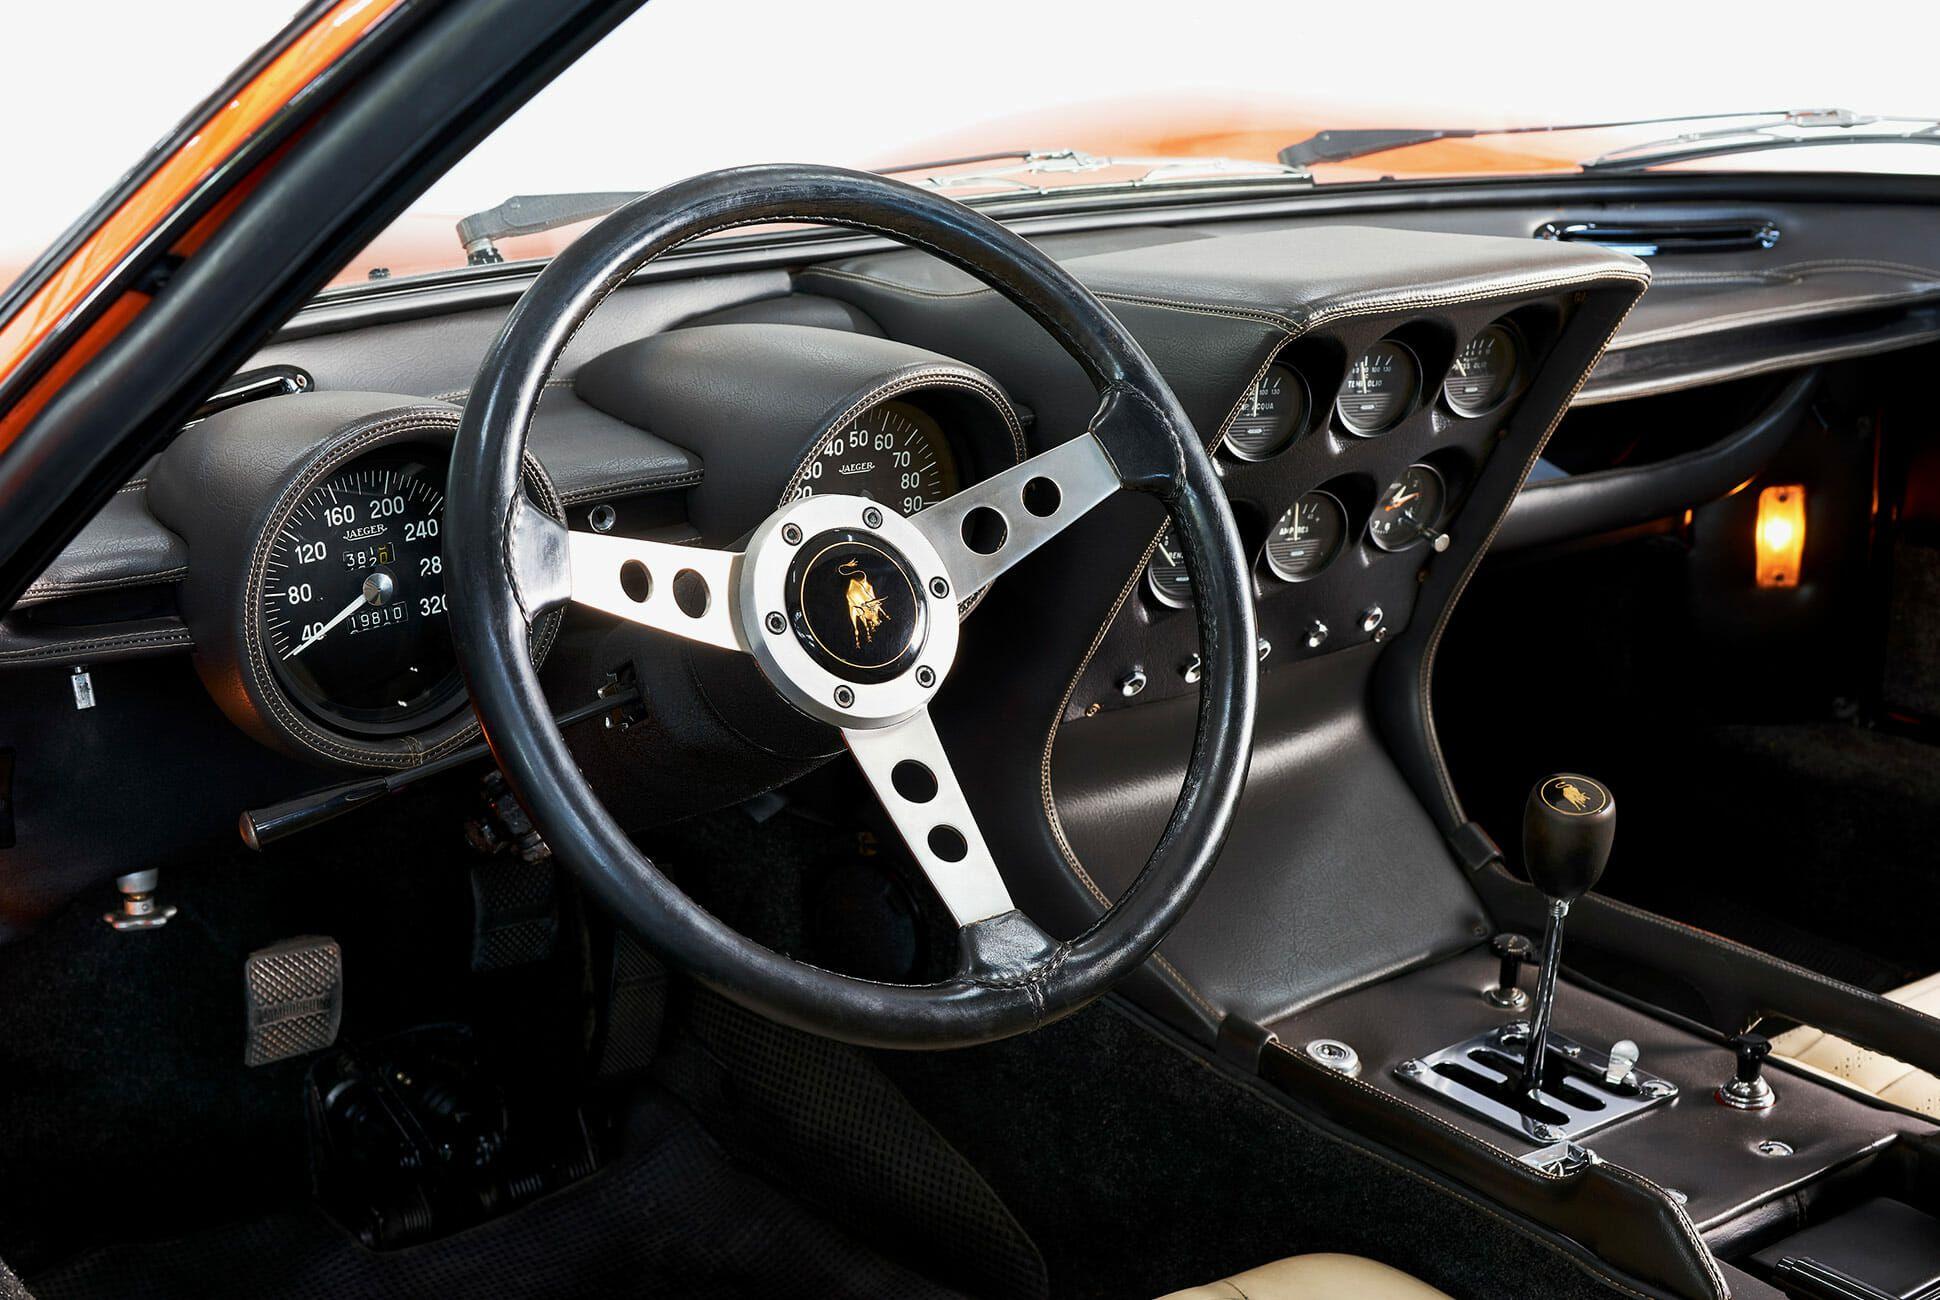 Lamborghini-Miura-P400-Italian-Job-gear-patrol-slide-6